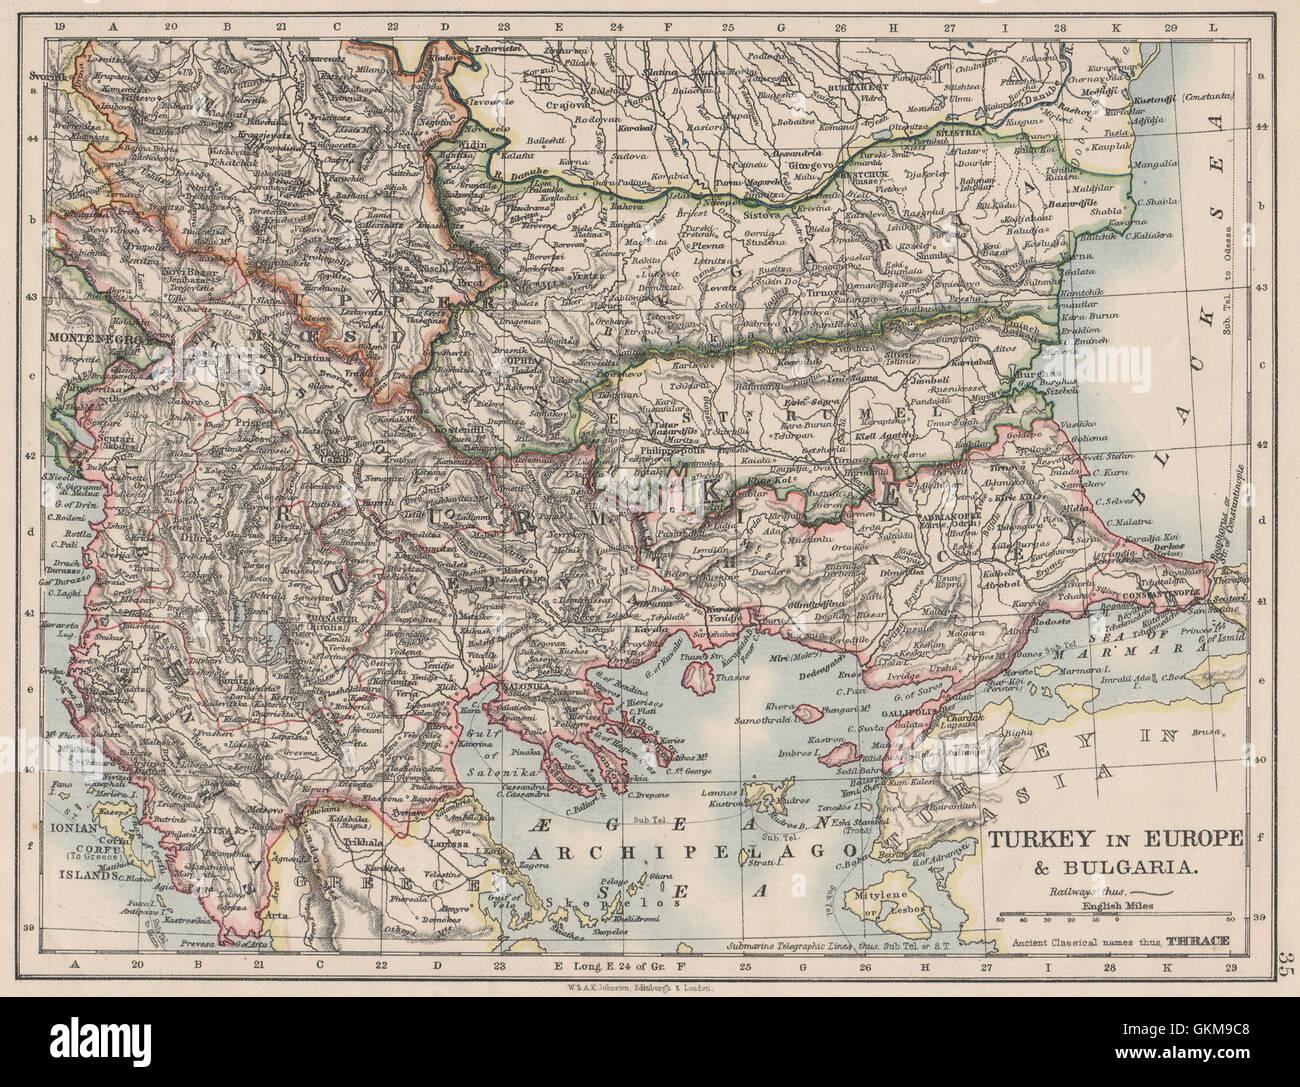 TURKEY IN EUROPE & BULGARIA  Rumili East Rumelia Balkans